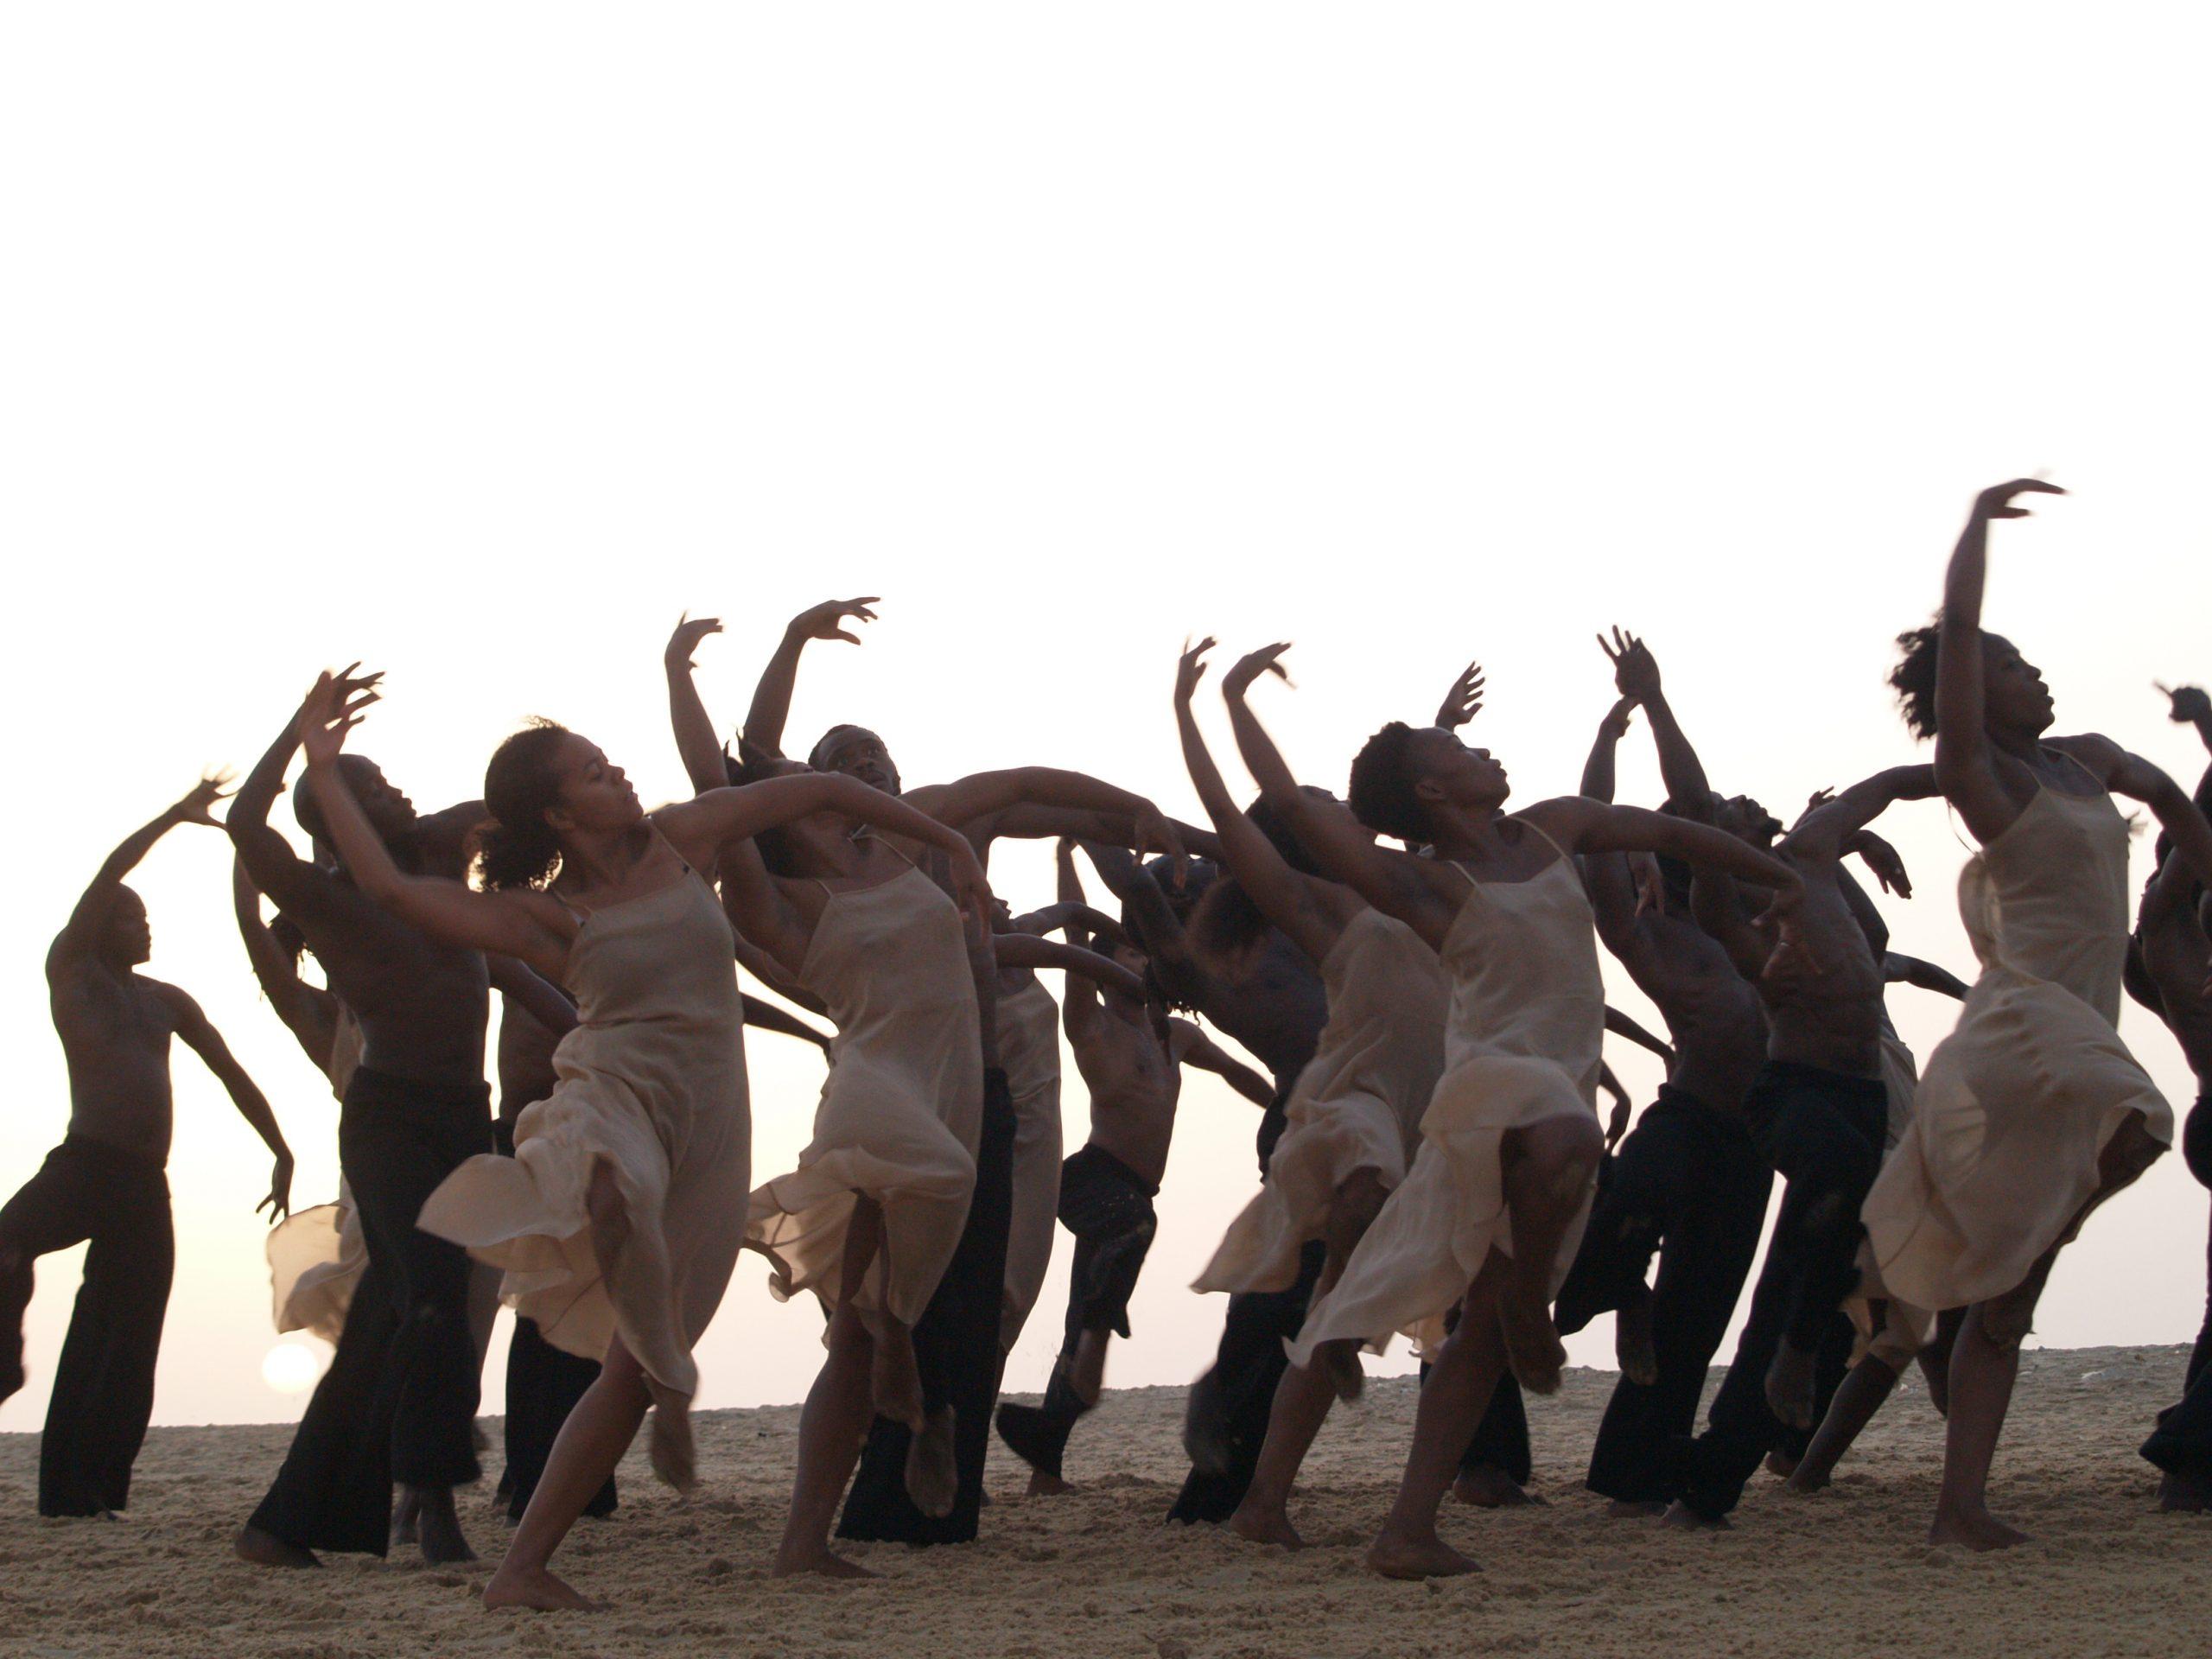 Dancing at Dusk (Foto: © polyphem Filmproduktion)